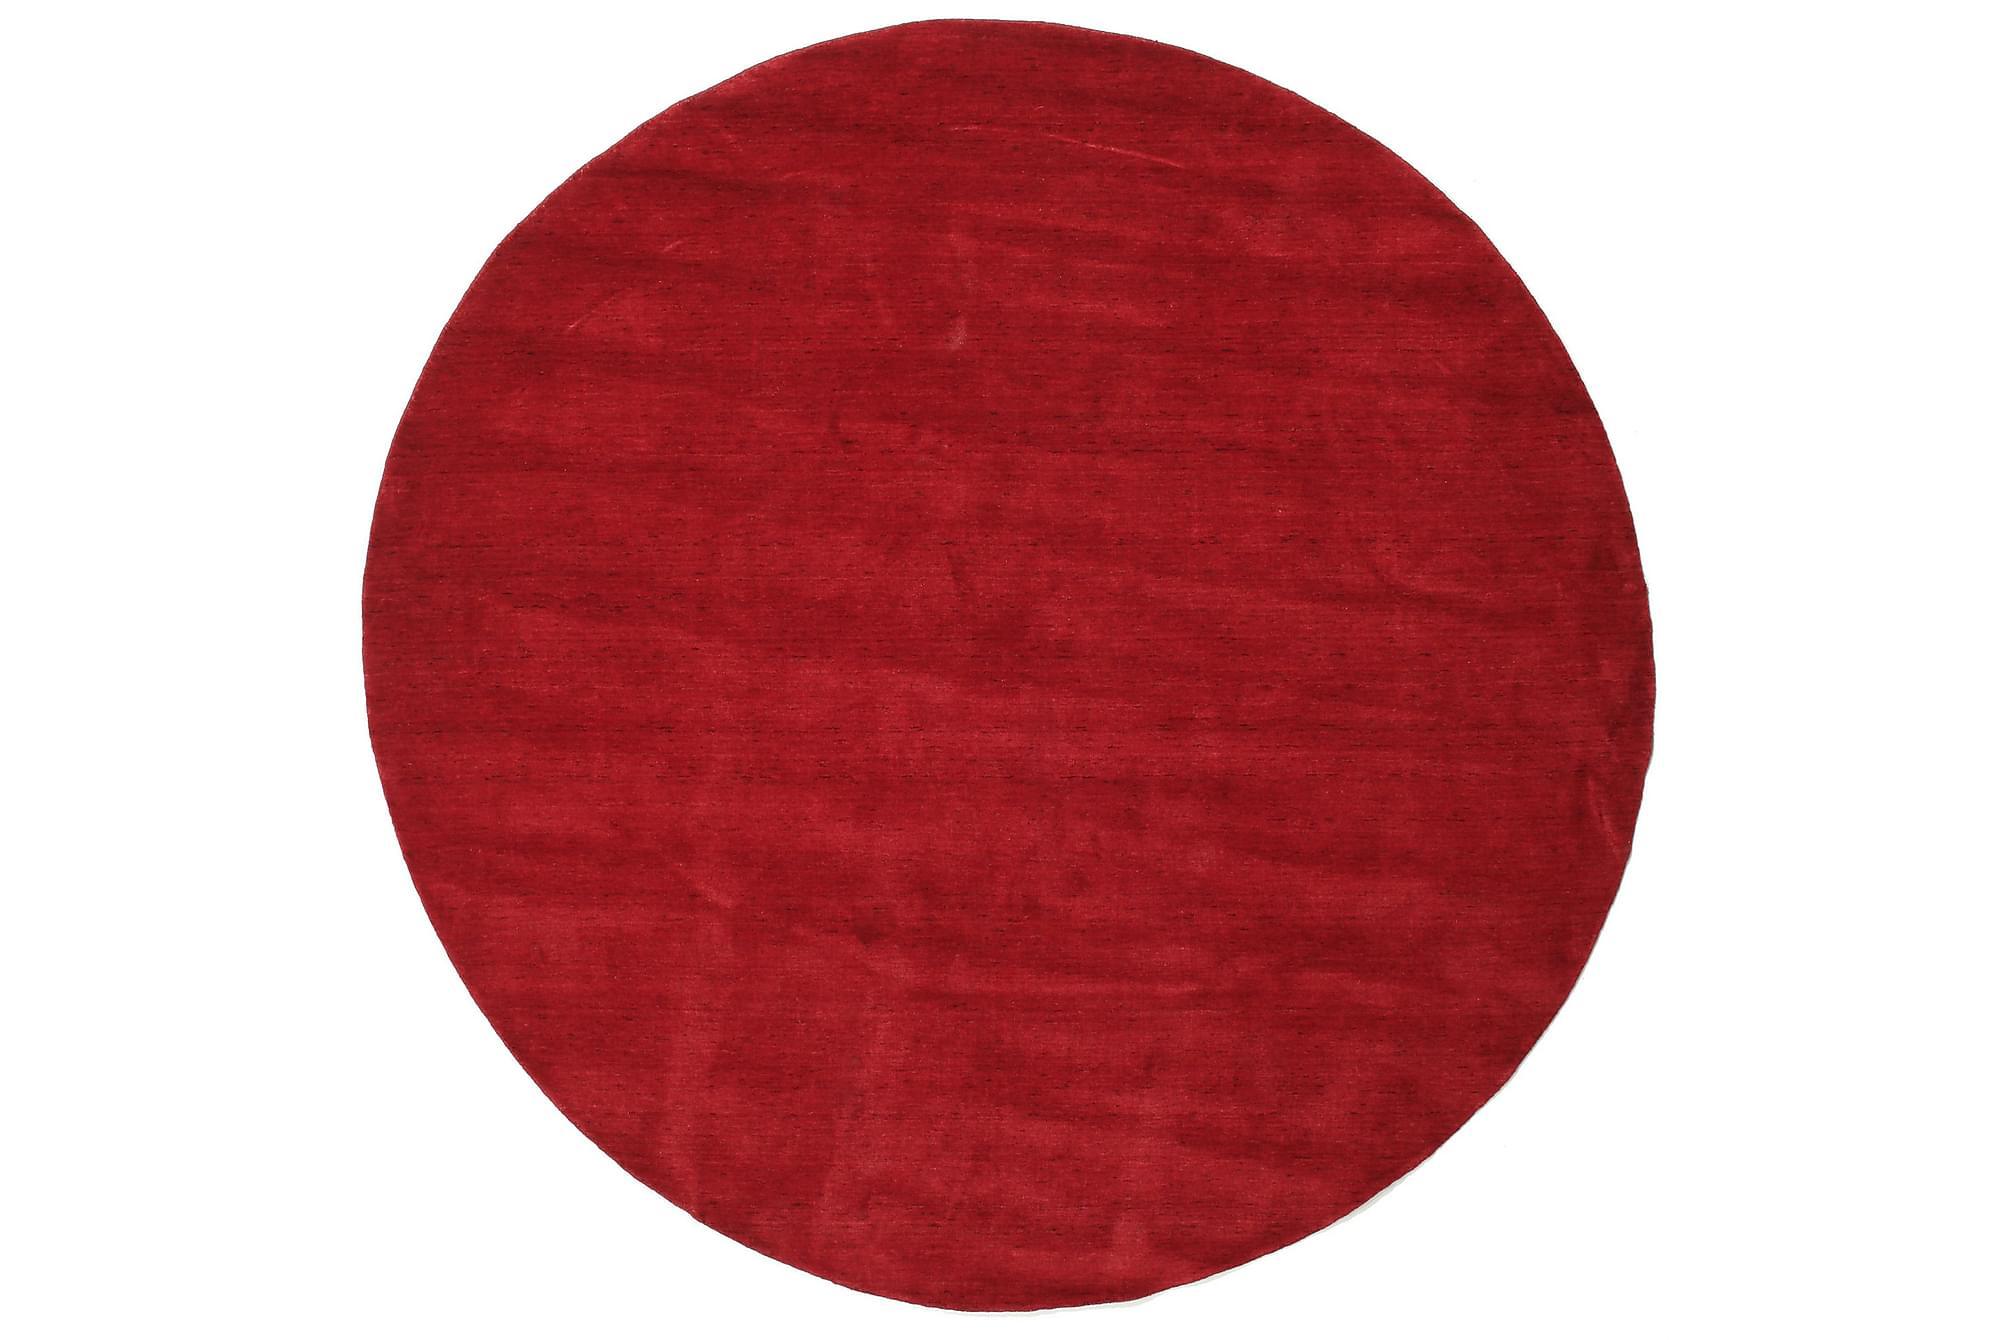 HANDLOOM Matta Stor Rund 250 Röd, Enfärgade mattor